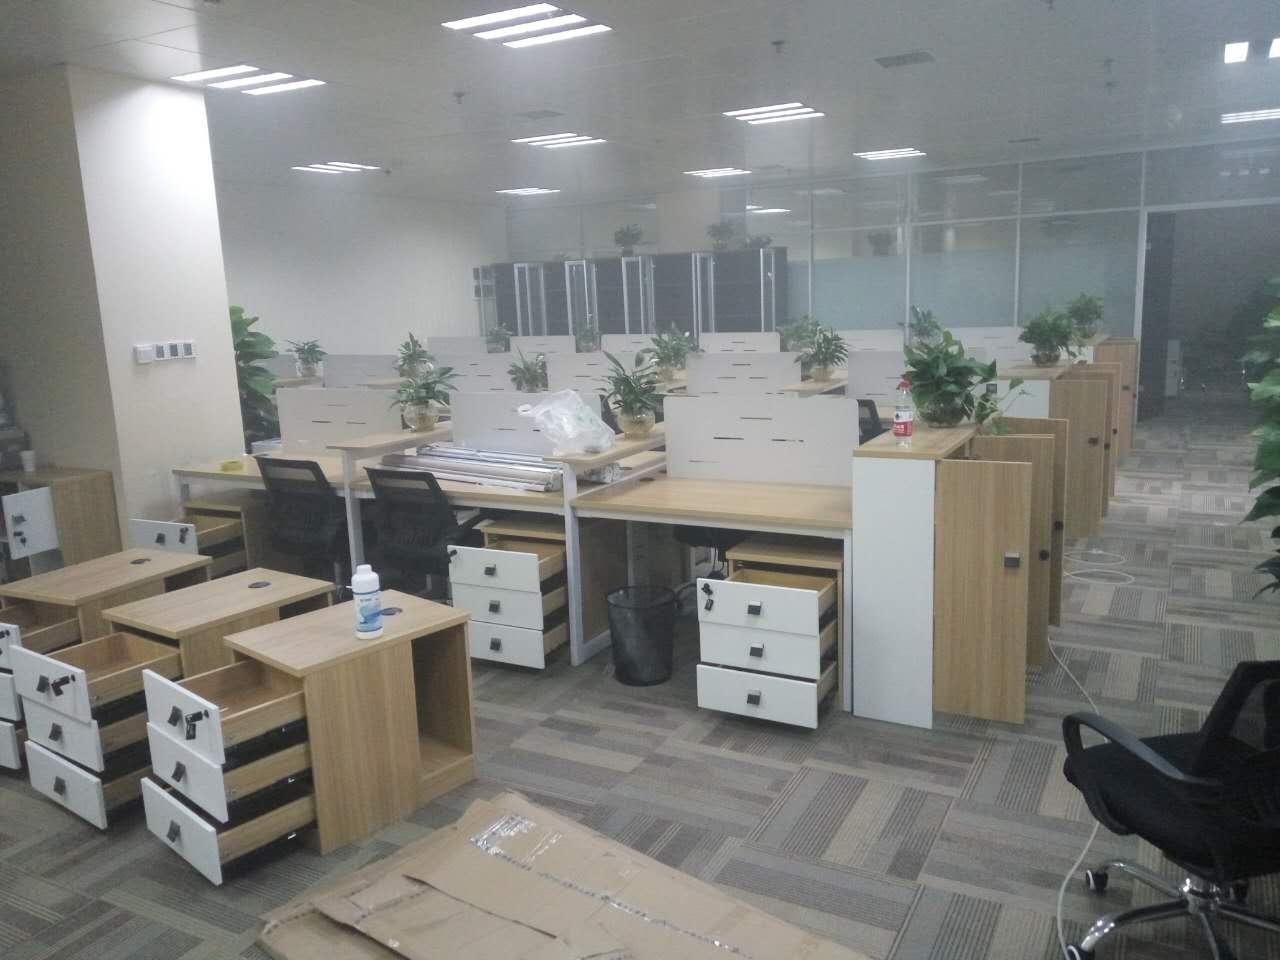 郑州写字楼除甲醛 郑州甲醛检测公司  郑州专业除甲醛公司  新办公室除甲醛